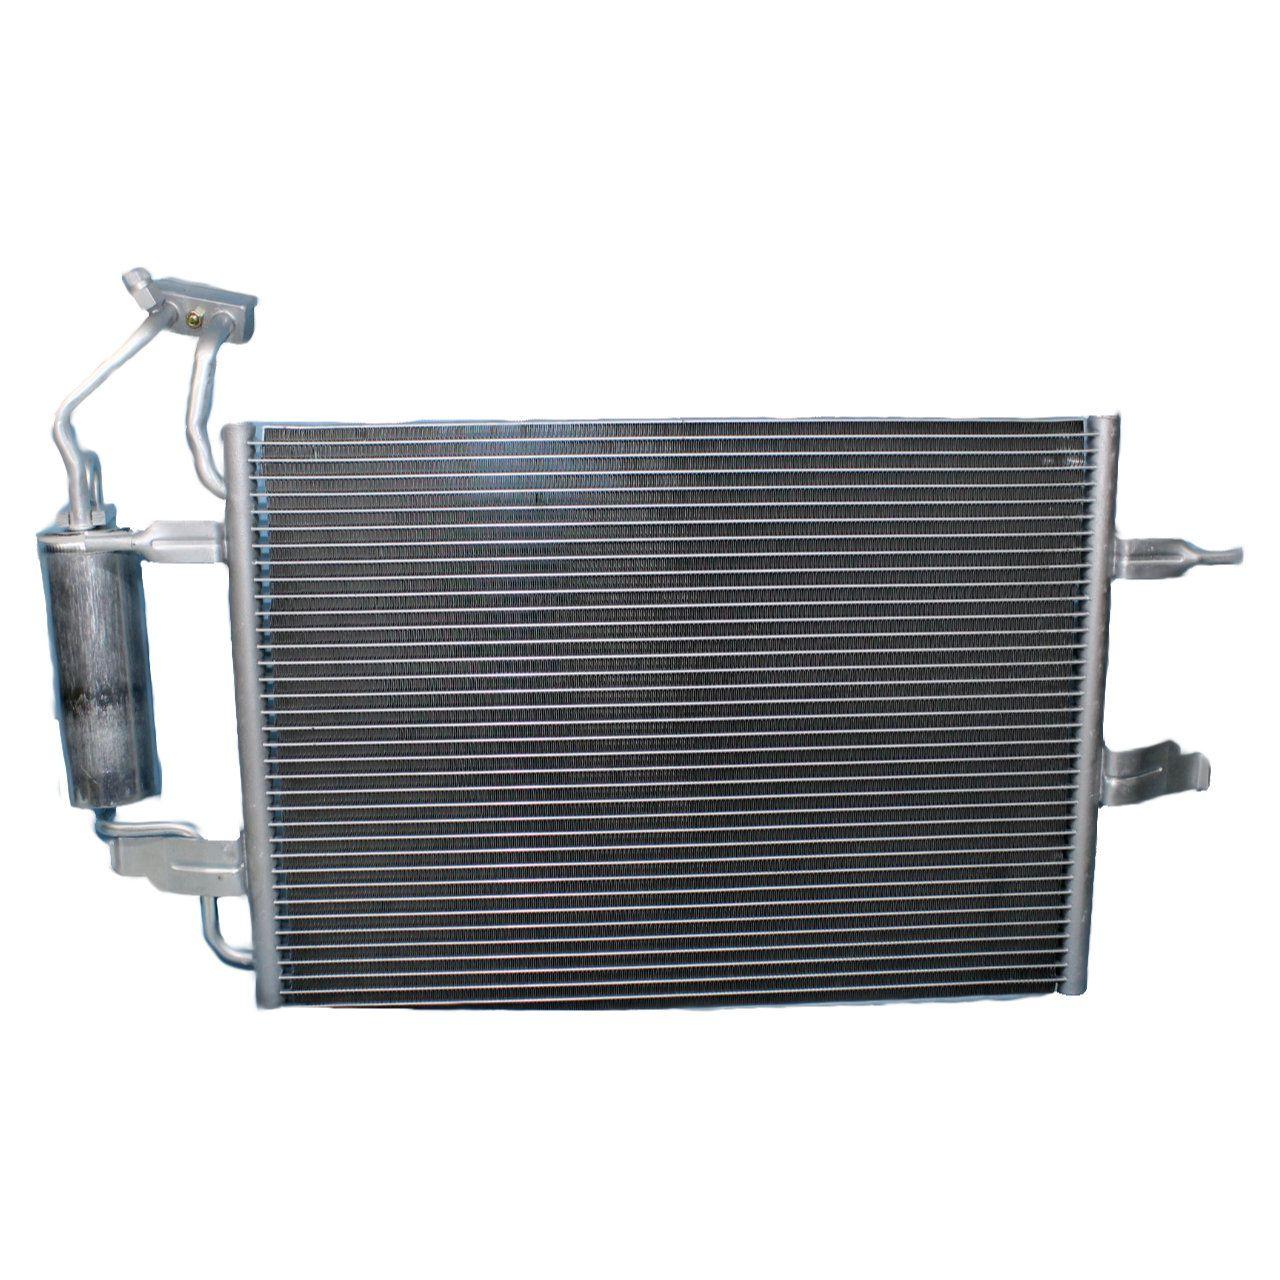 Condensador Ar Condicionado Meriva 1.4, 1.8 - 2003... C/ Filtro secador